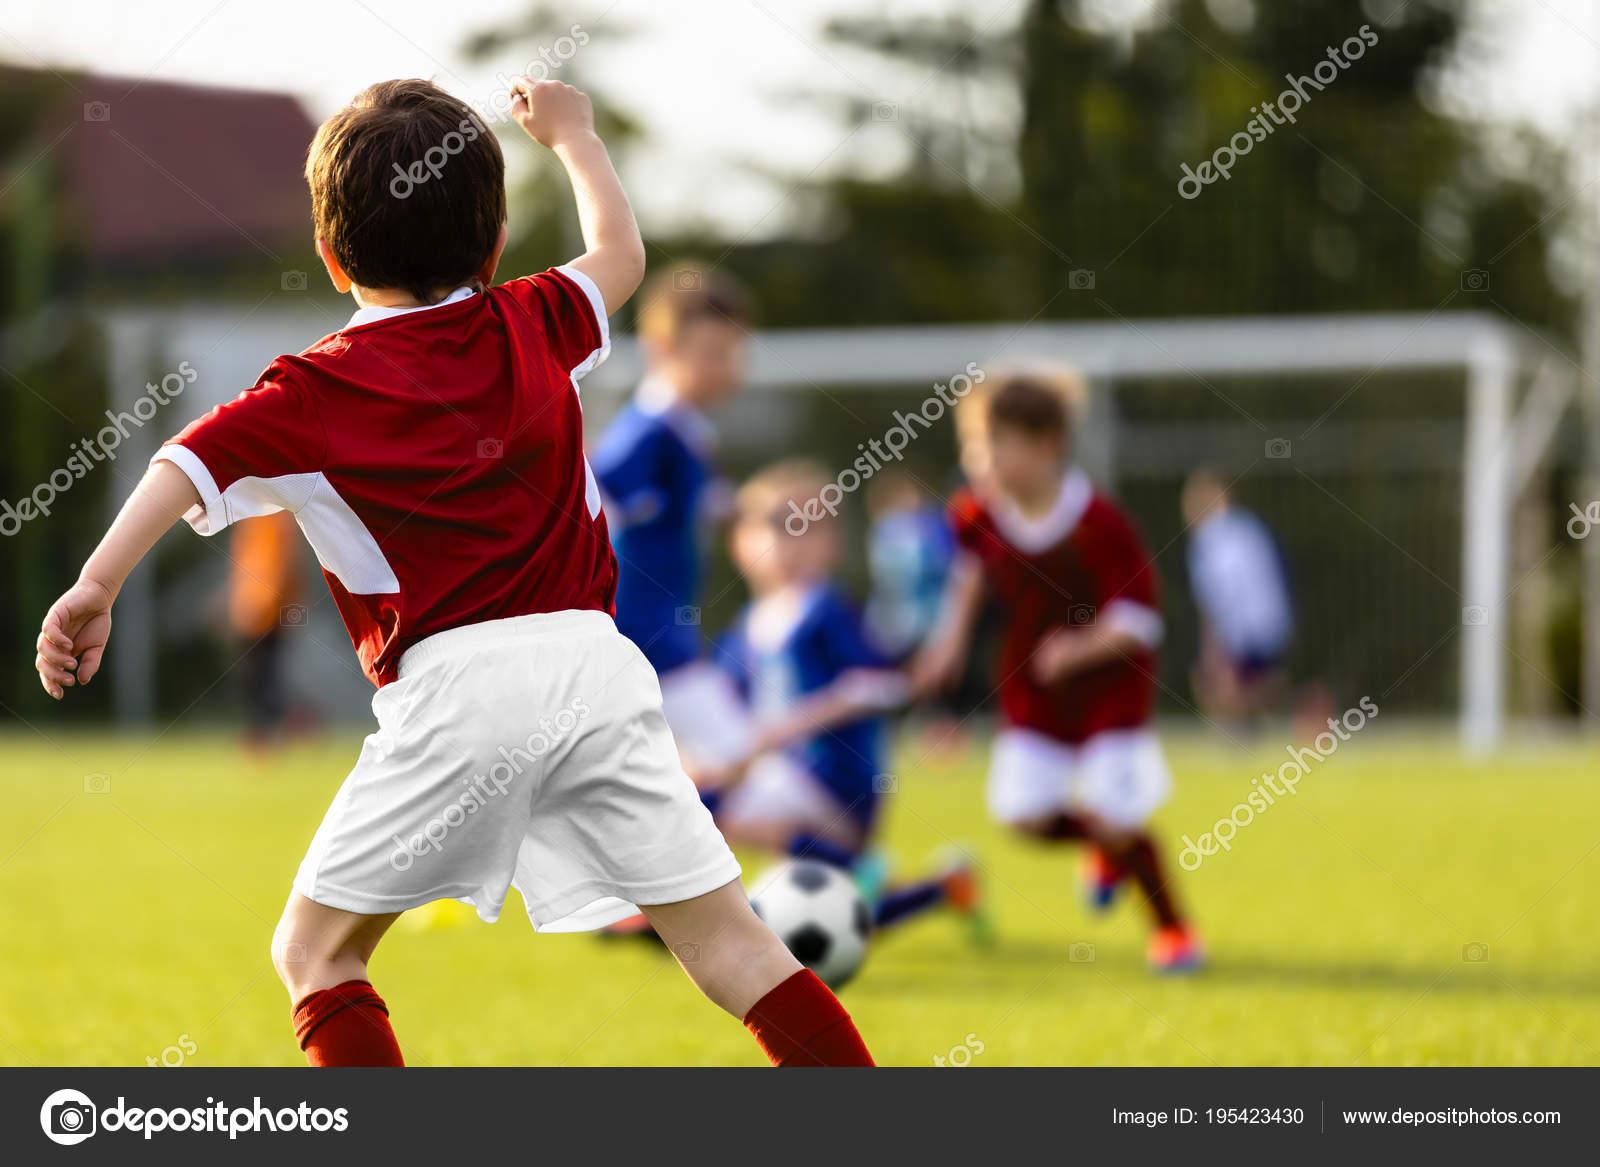 Kinder Spielen Fussball Ausbildung Football Spiel Zwischen